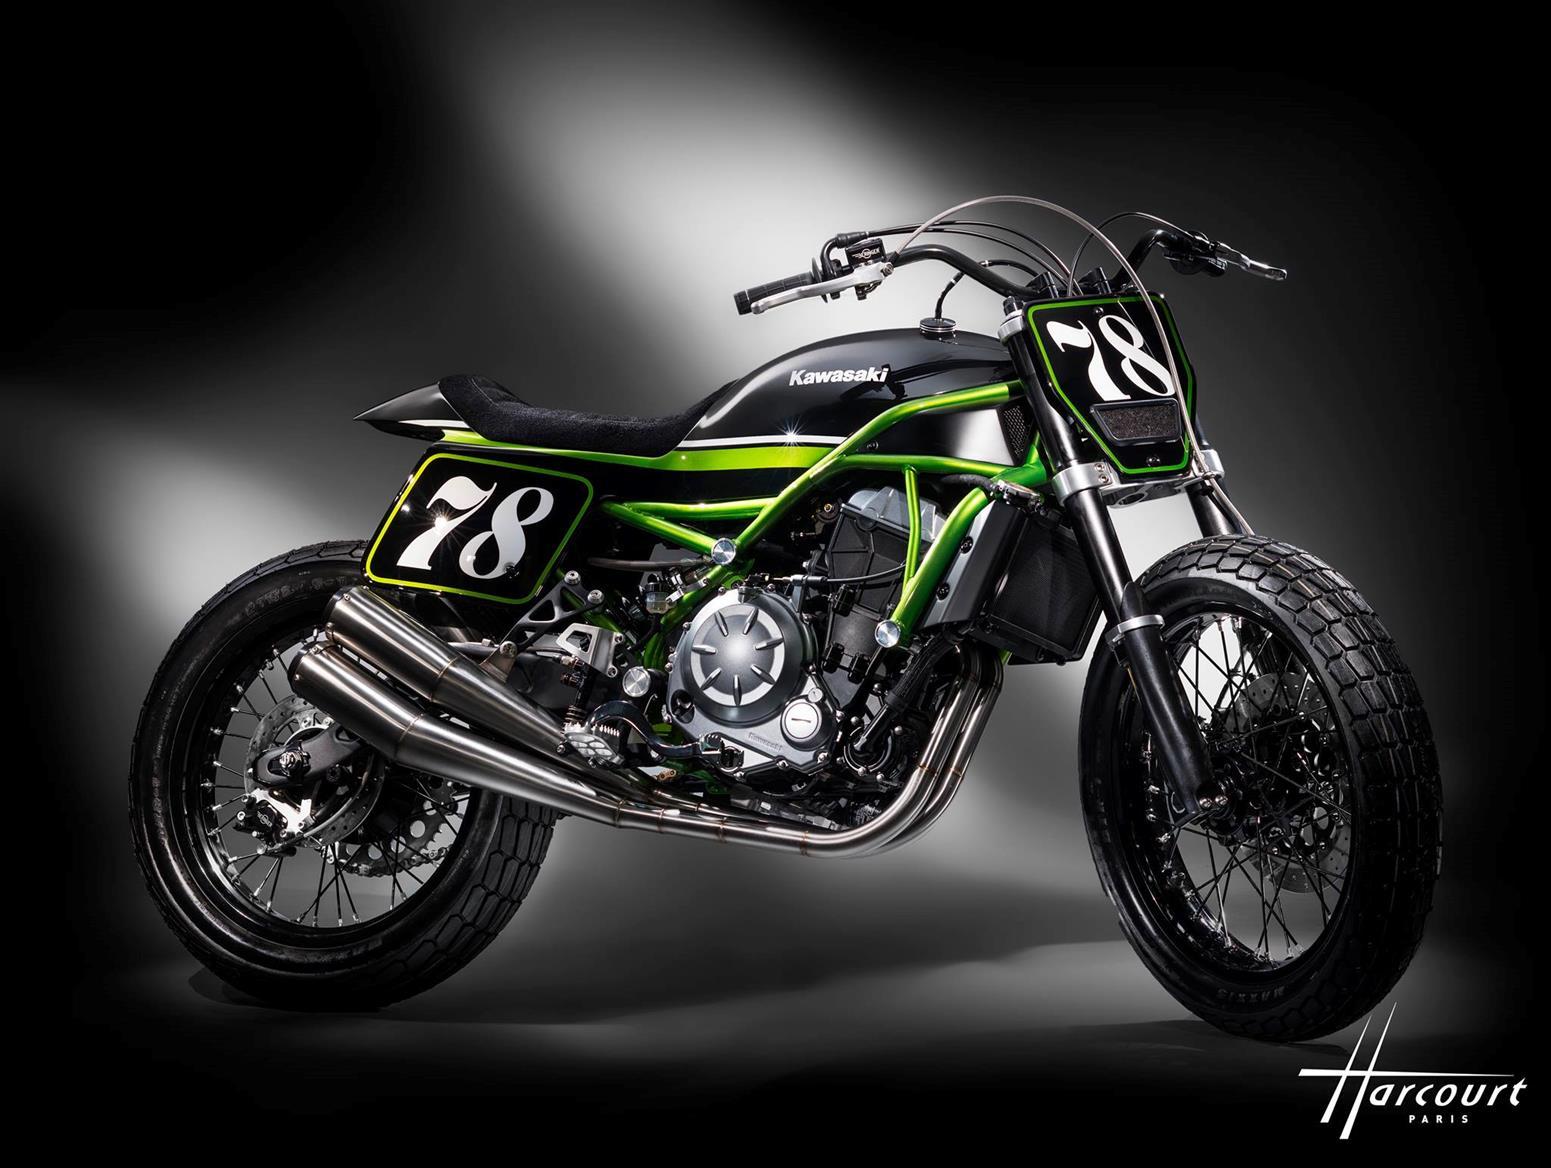 Kawasaki Ninja  Race Bike For Sale